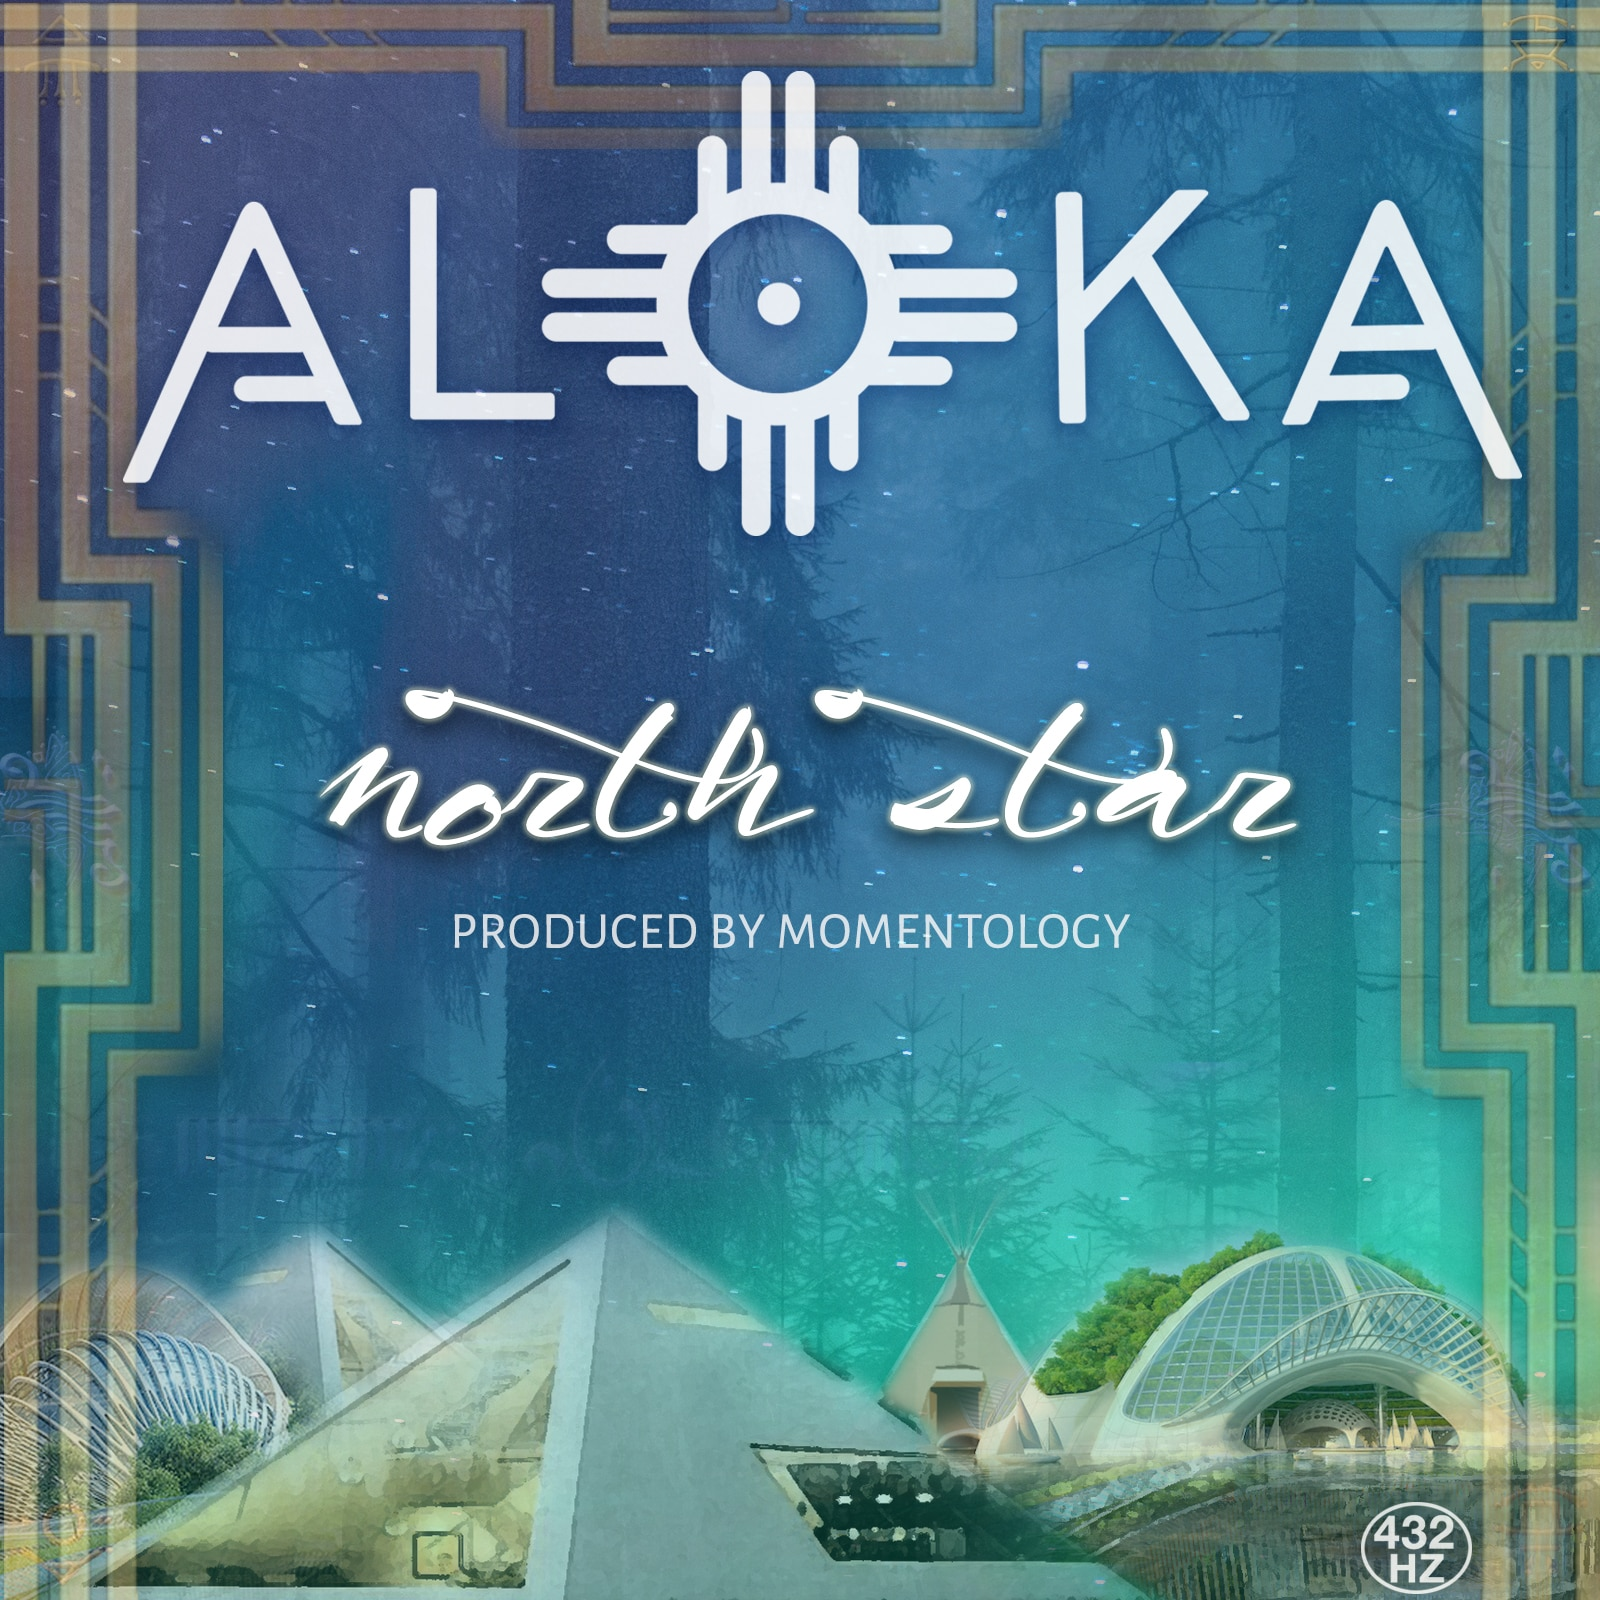 Music+ AlokaAlbumFinal